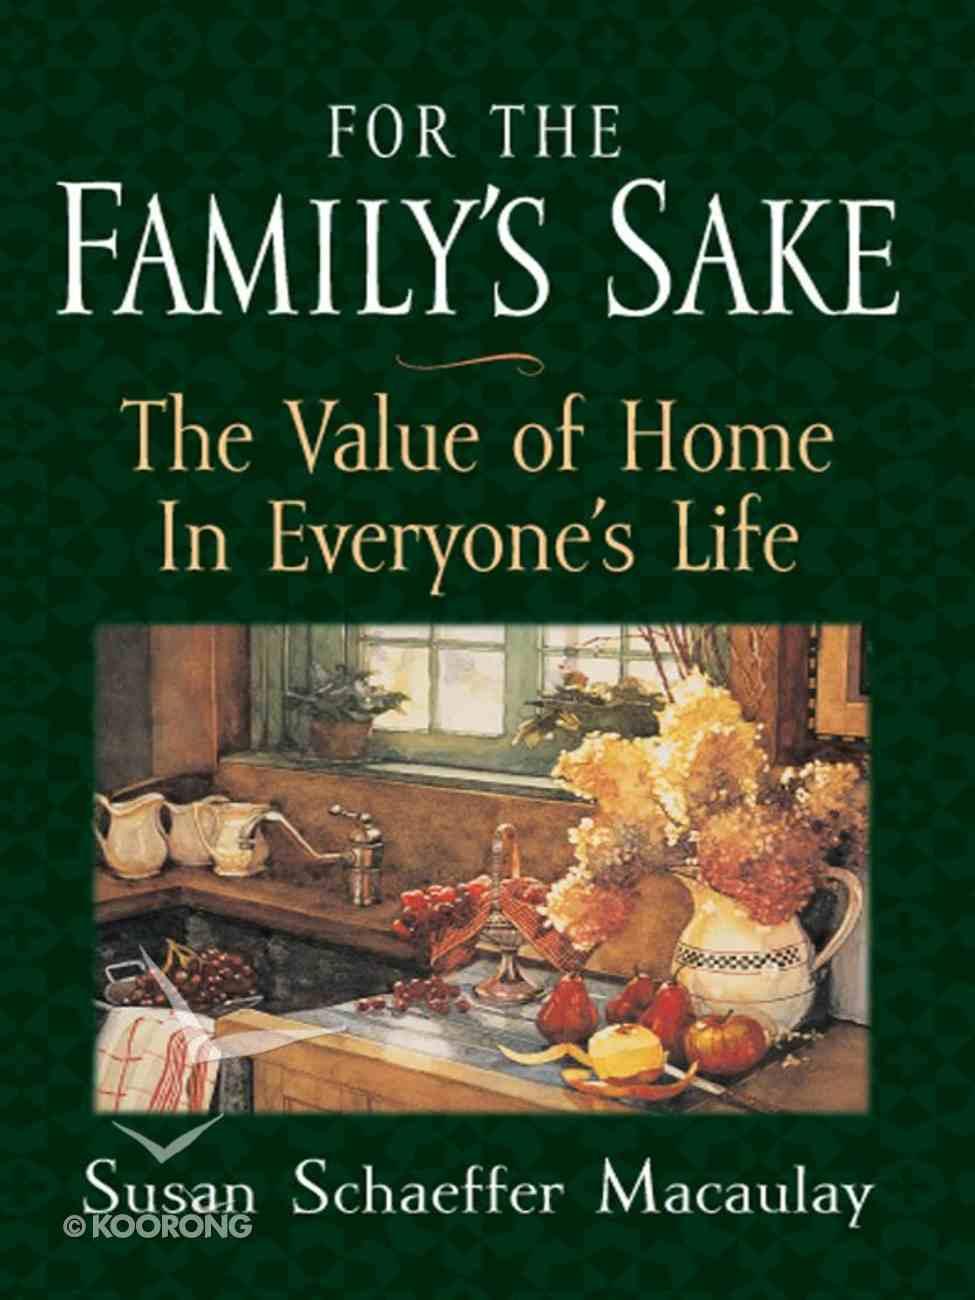 For the Family's Sake eBook